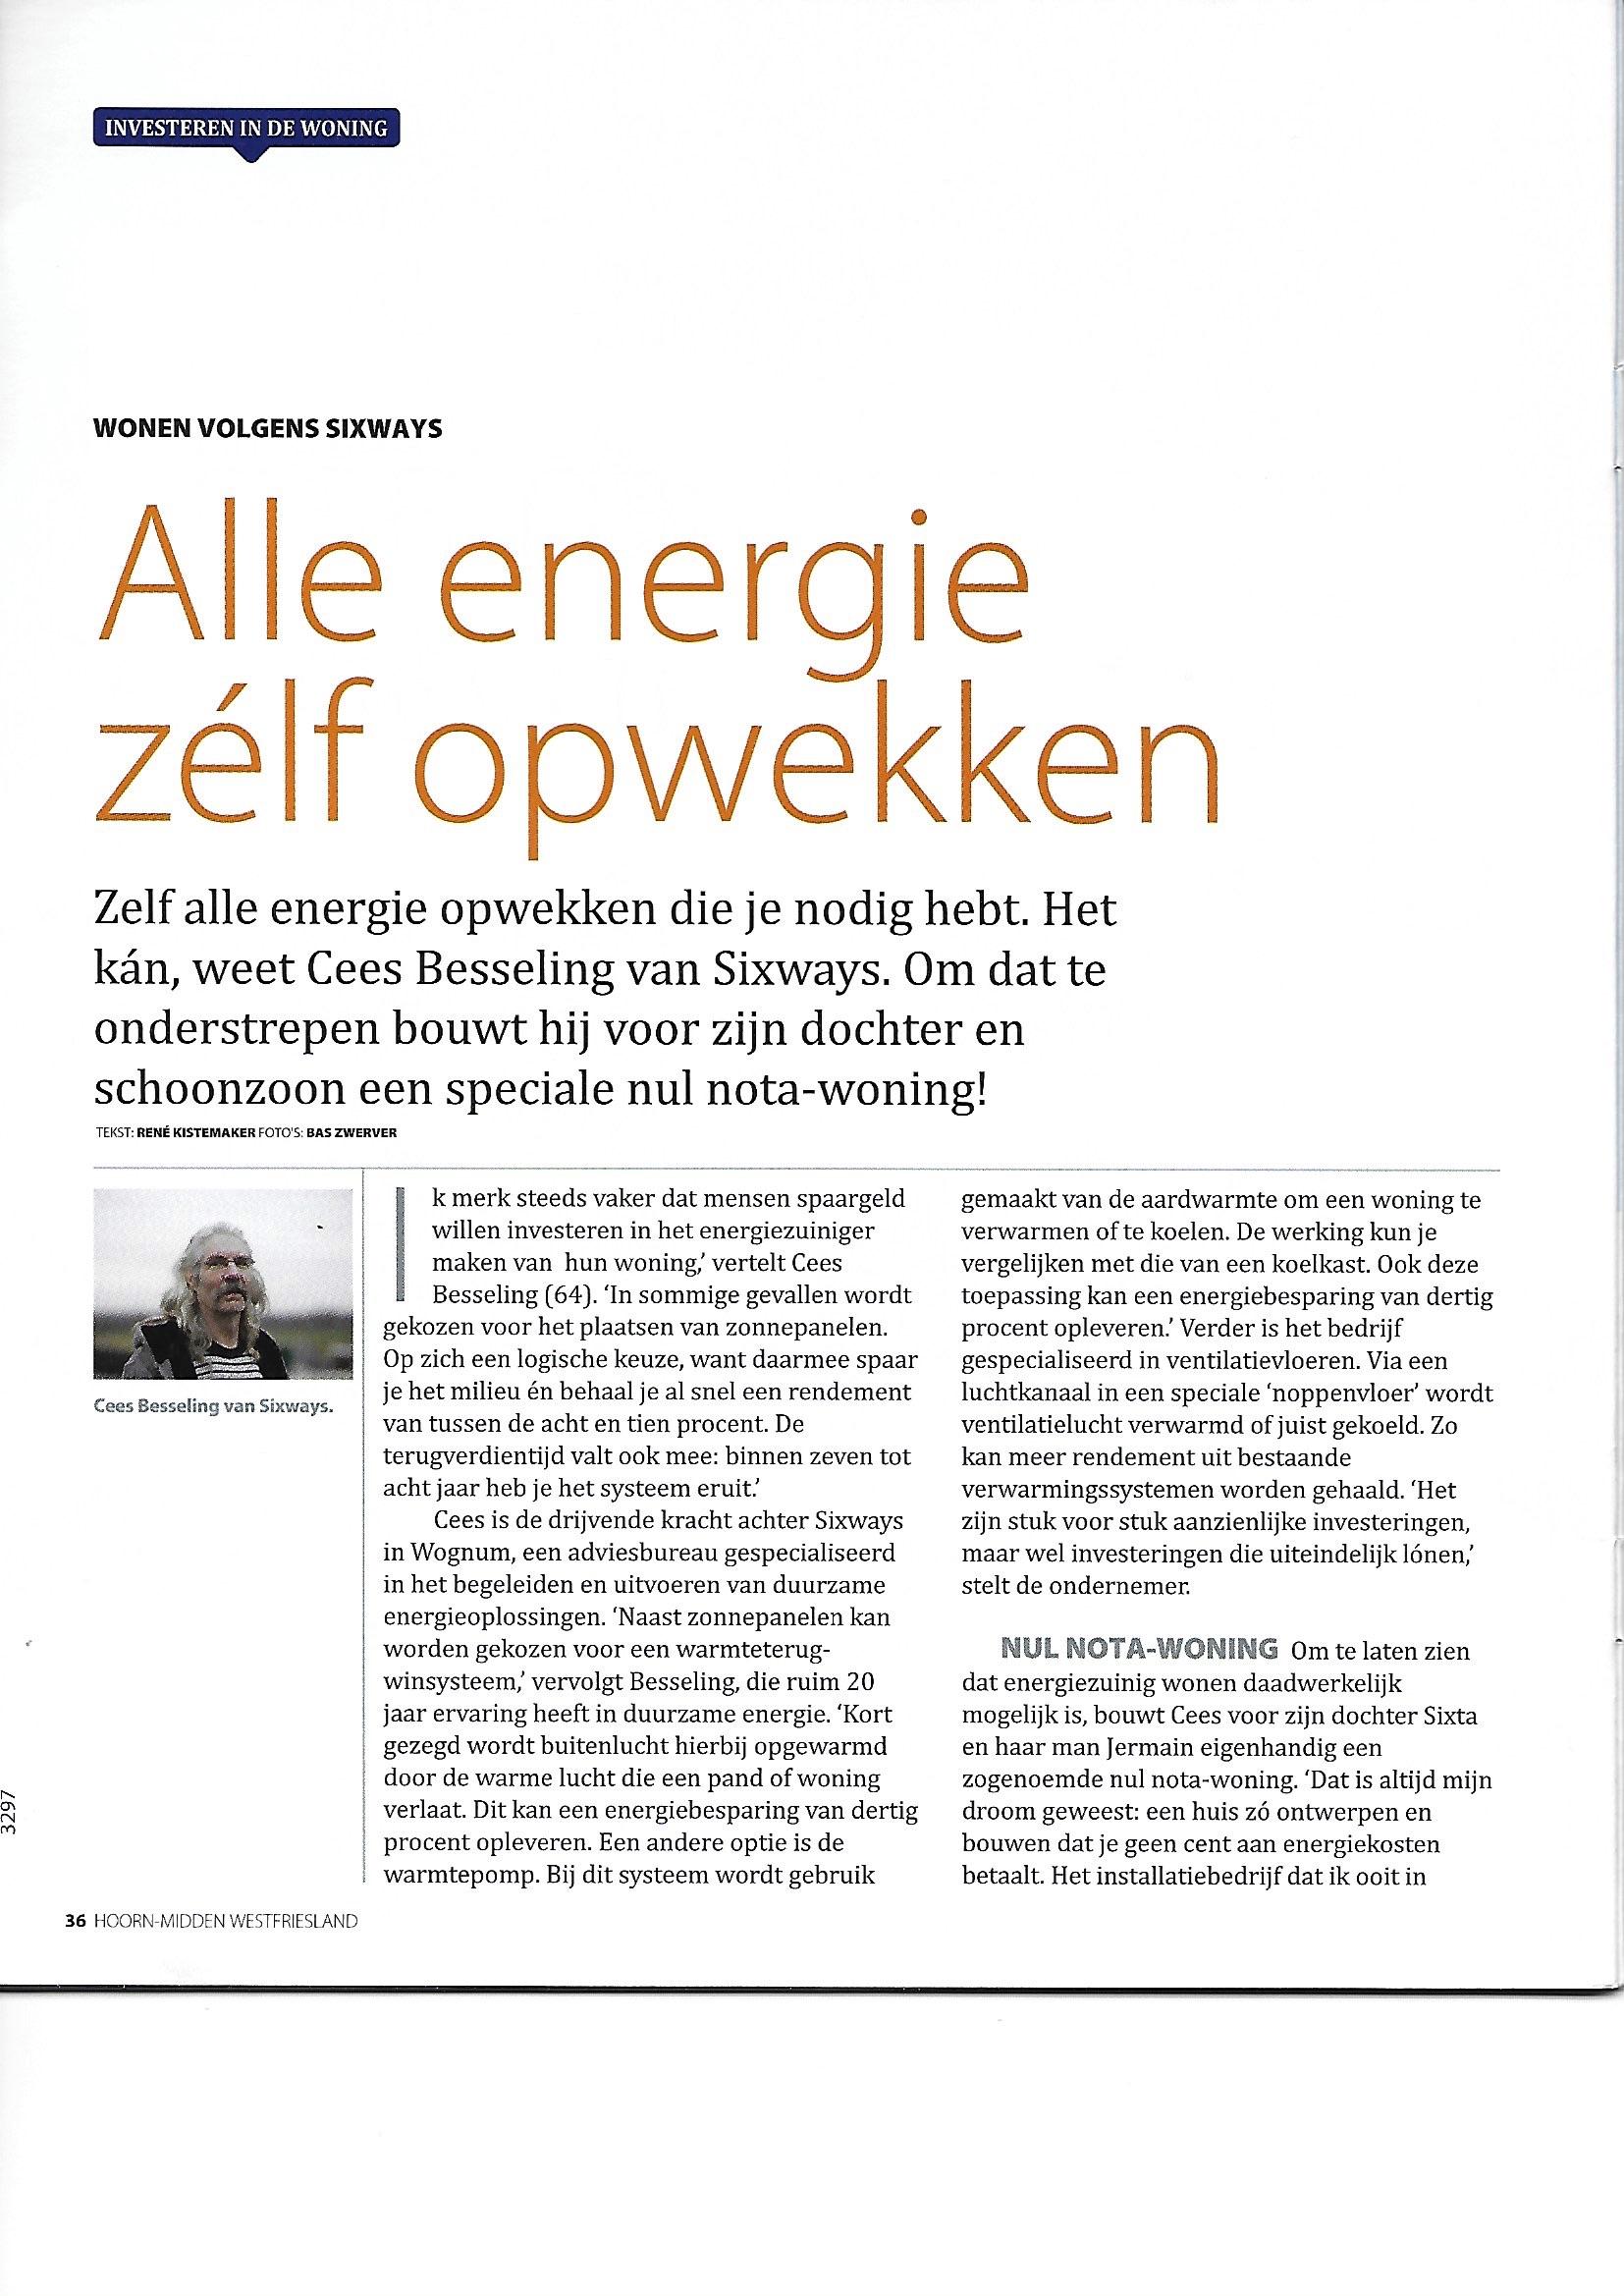 Wonen volgens Sixways: alle energie zélf opwekken